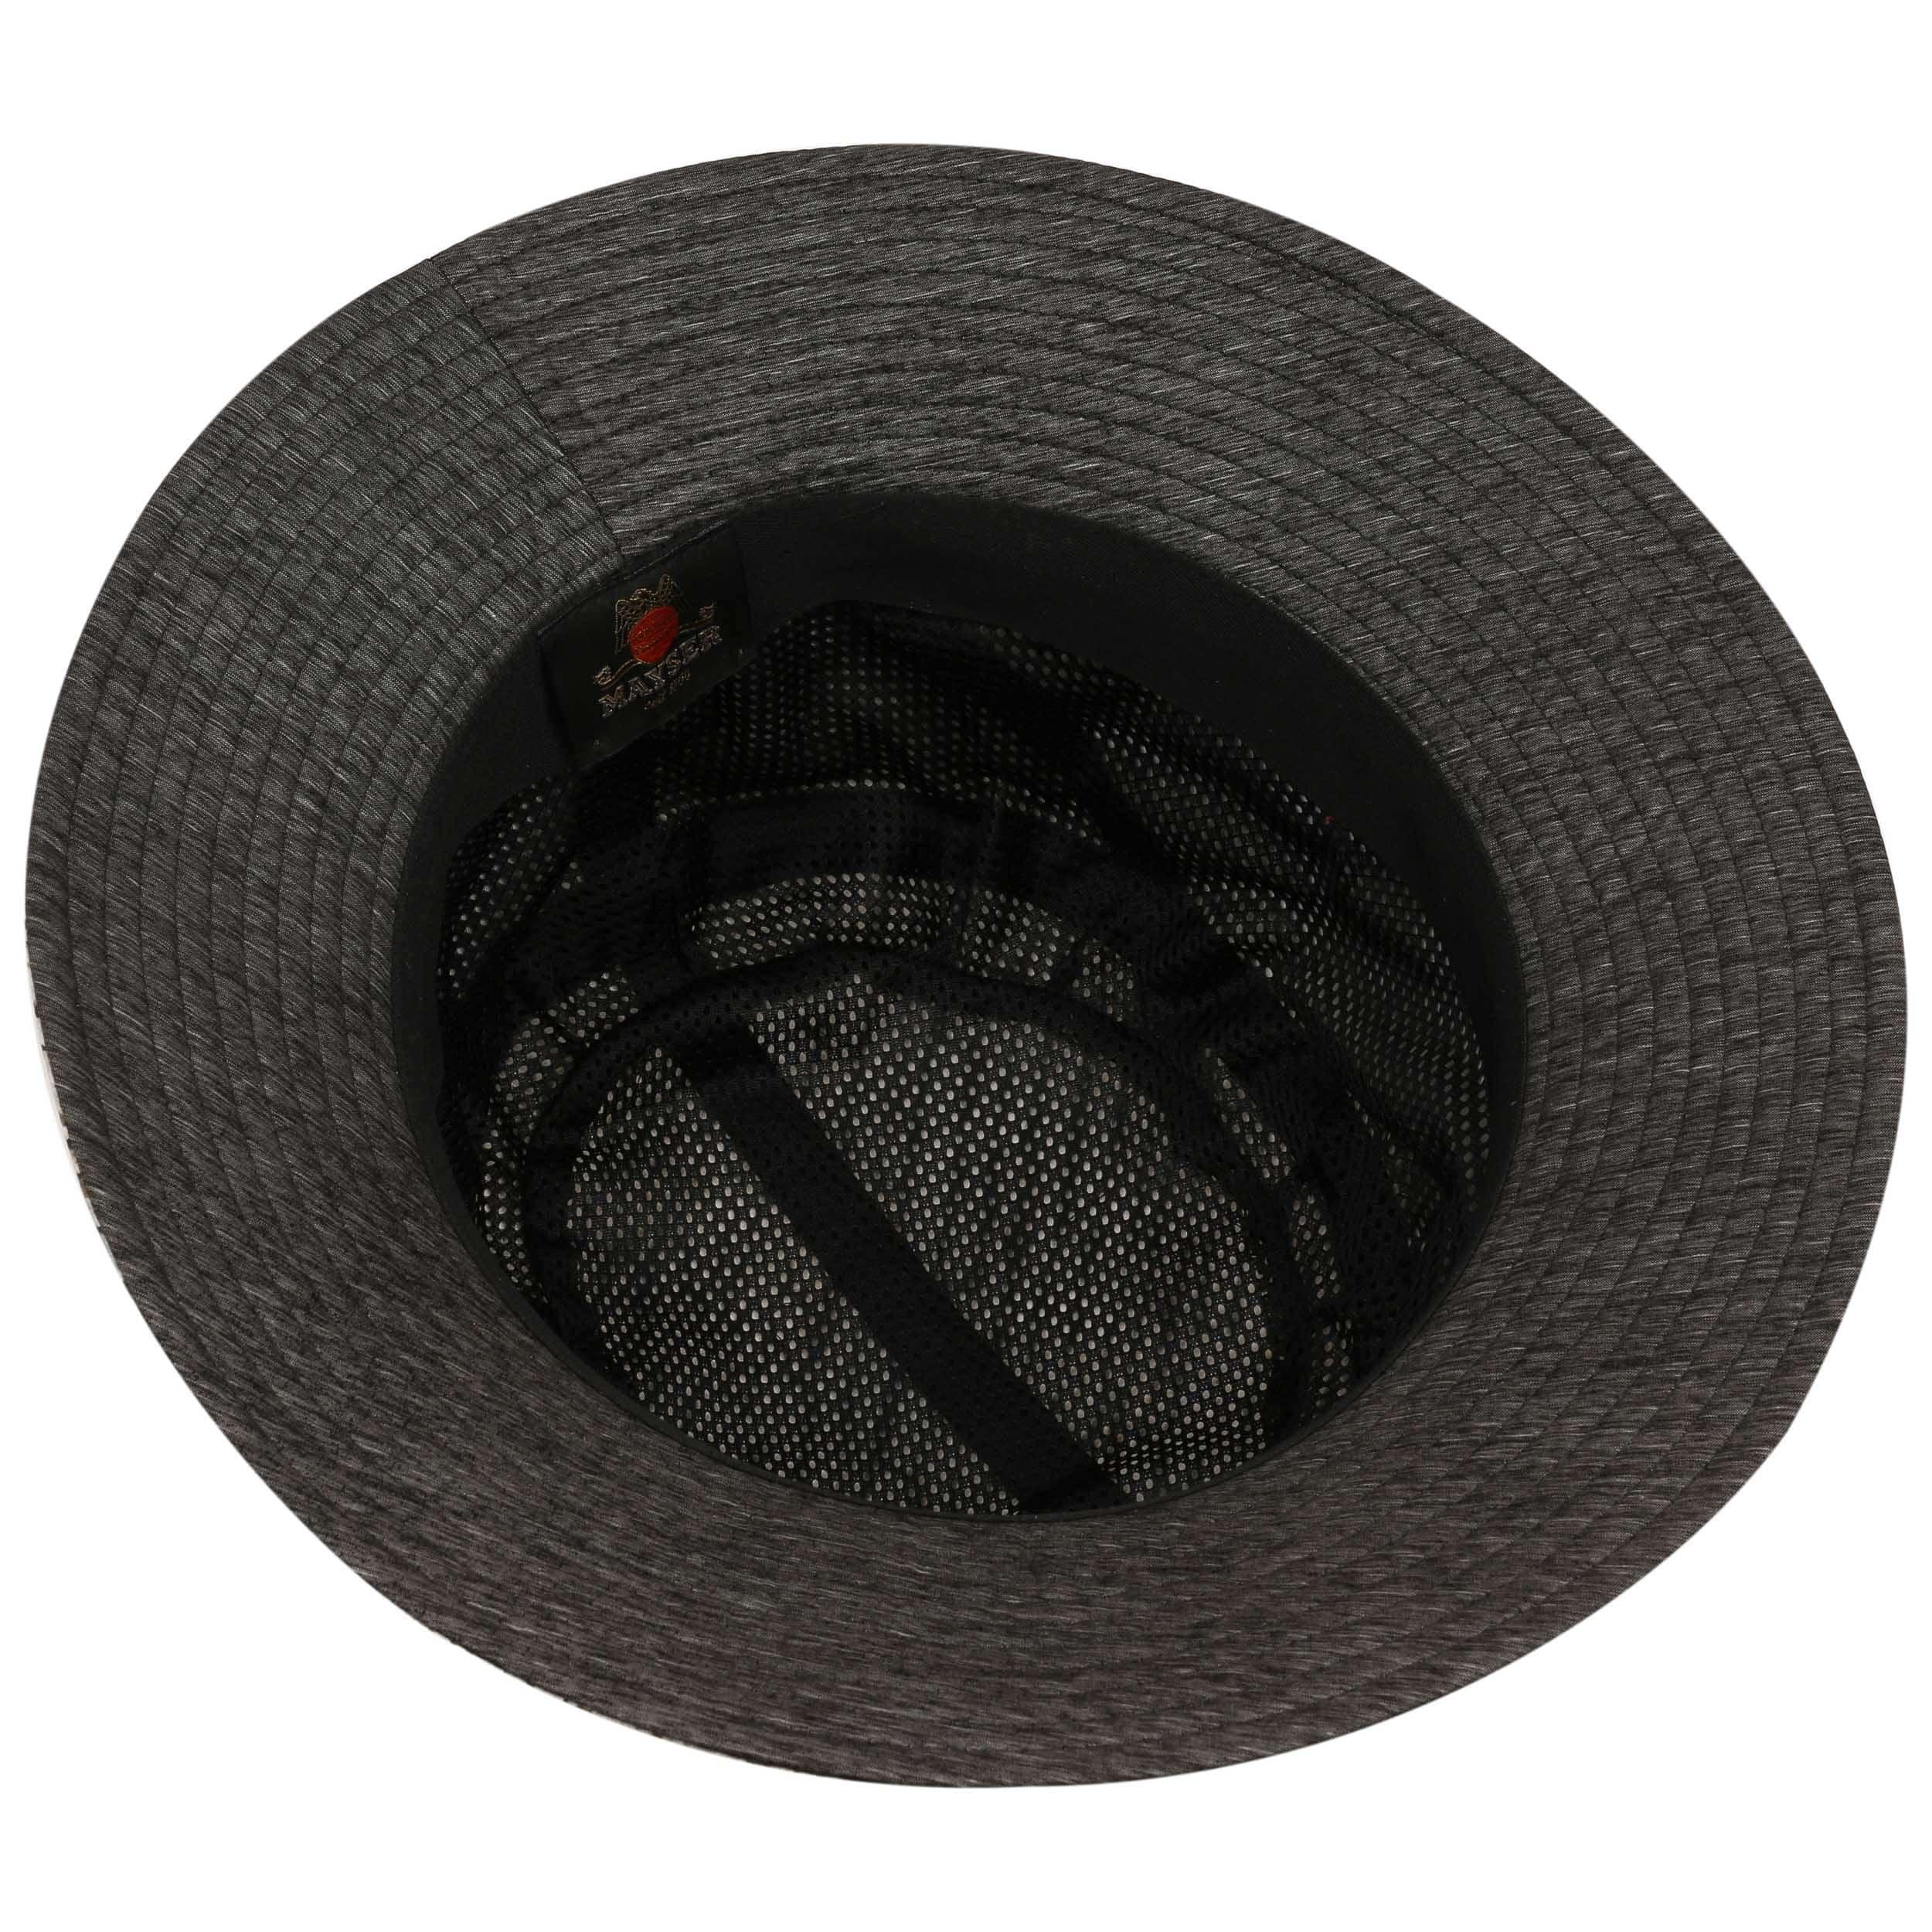 ... Cappello da Pioggia Isolde by Mayser - grigio 2 ... 4743e34e31d2